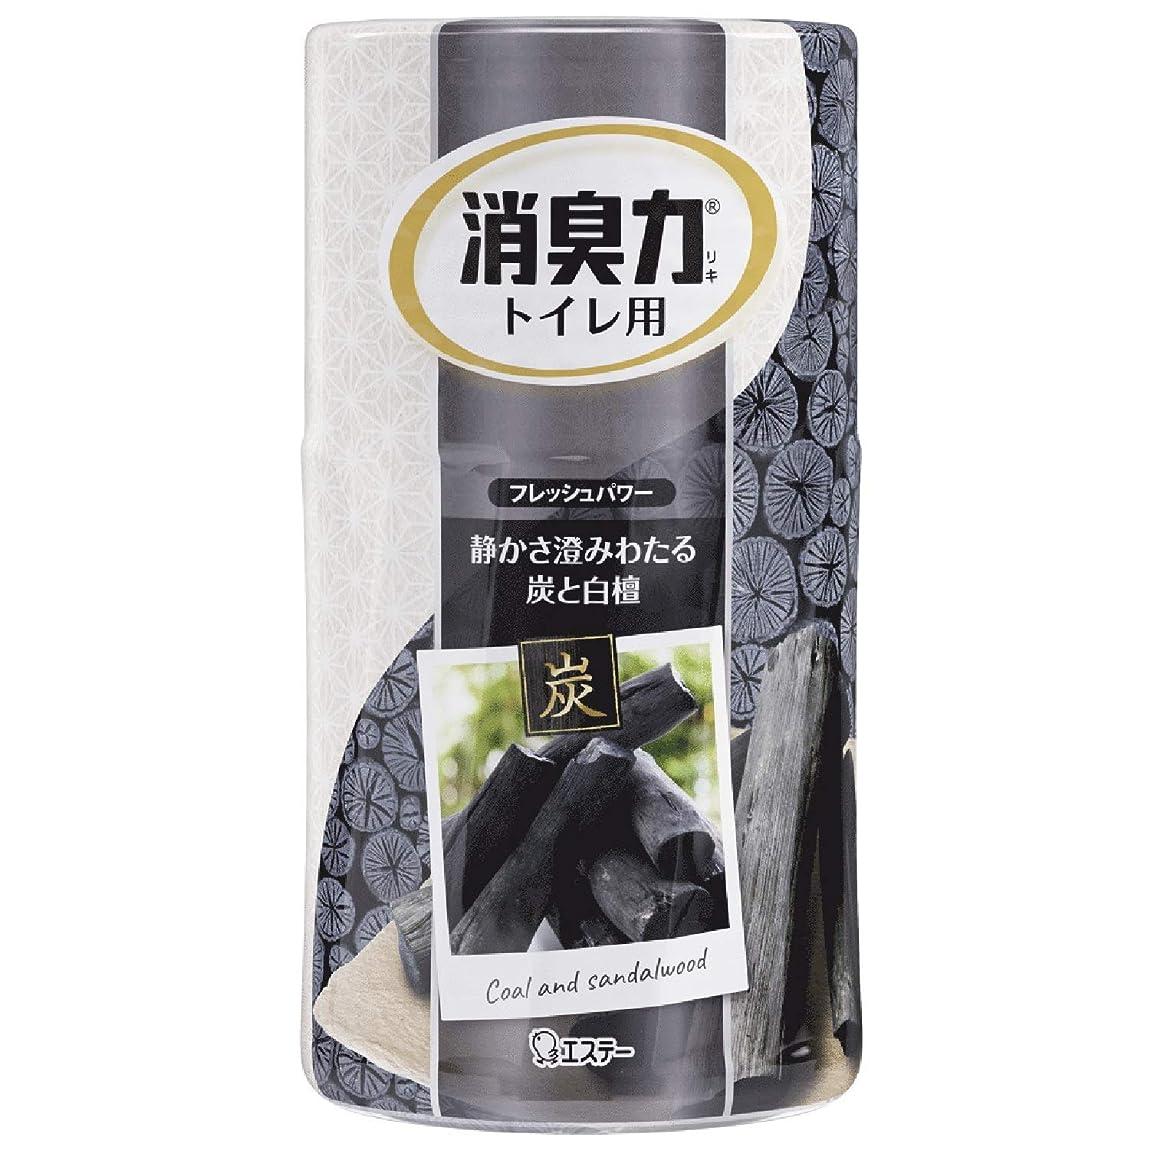 ポータブル精算立証するトイレの消臭力 消臭芳香剤 トイレ用 トイレ 炭と白檀の香り 400ml